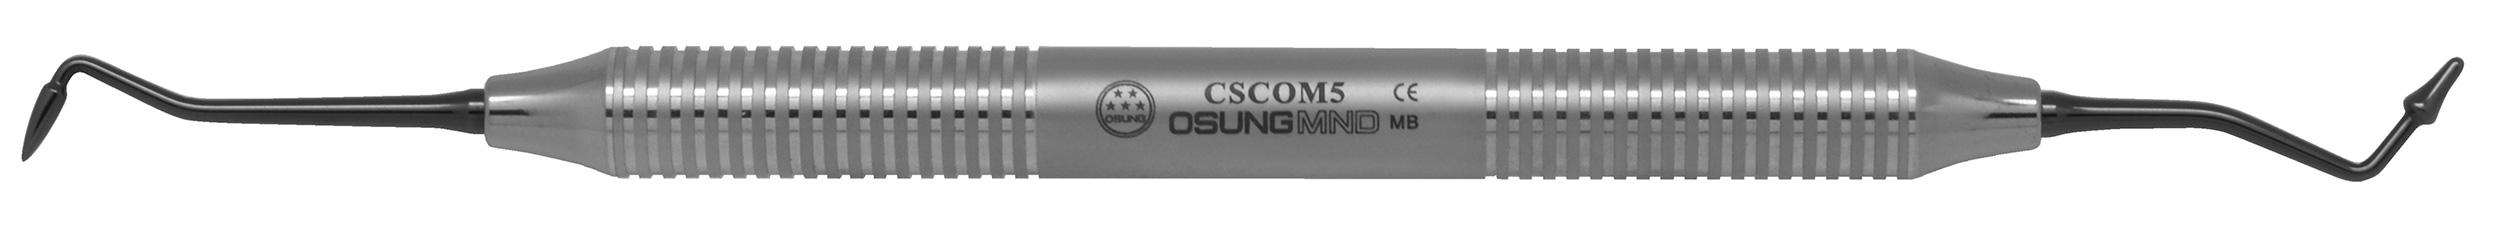 CSCOM5